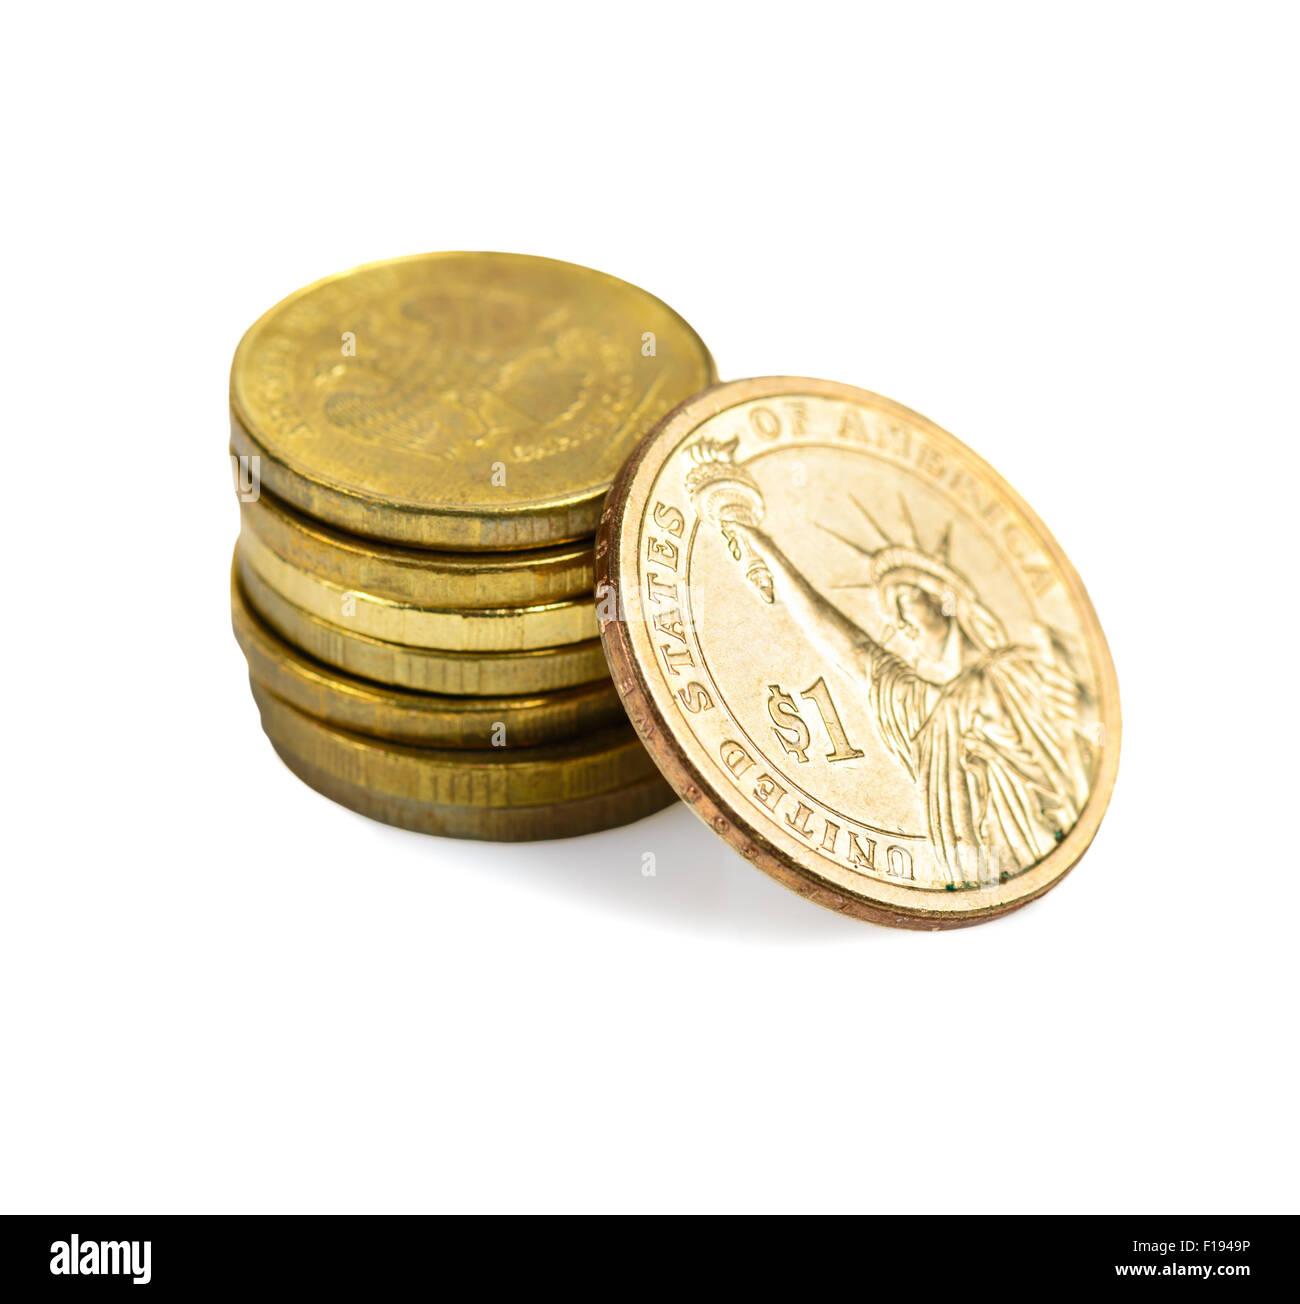 Währungswechselkurse. Jetzt 70 russische Rubel pro 1 US-dollar Stockbild